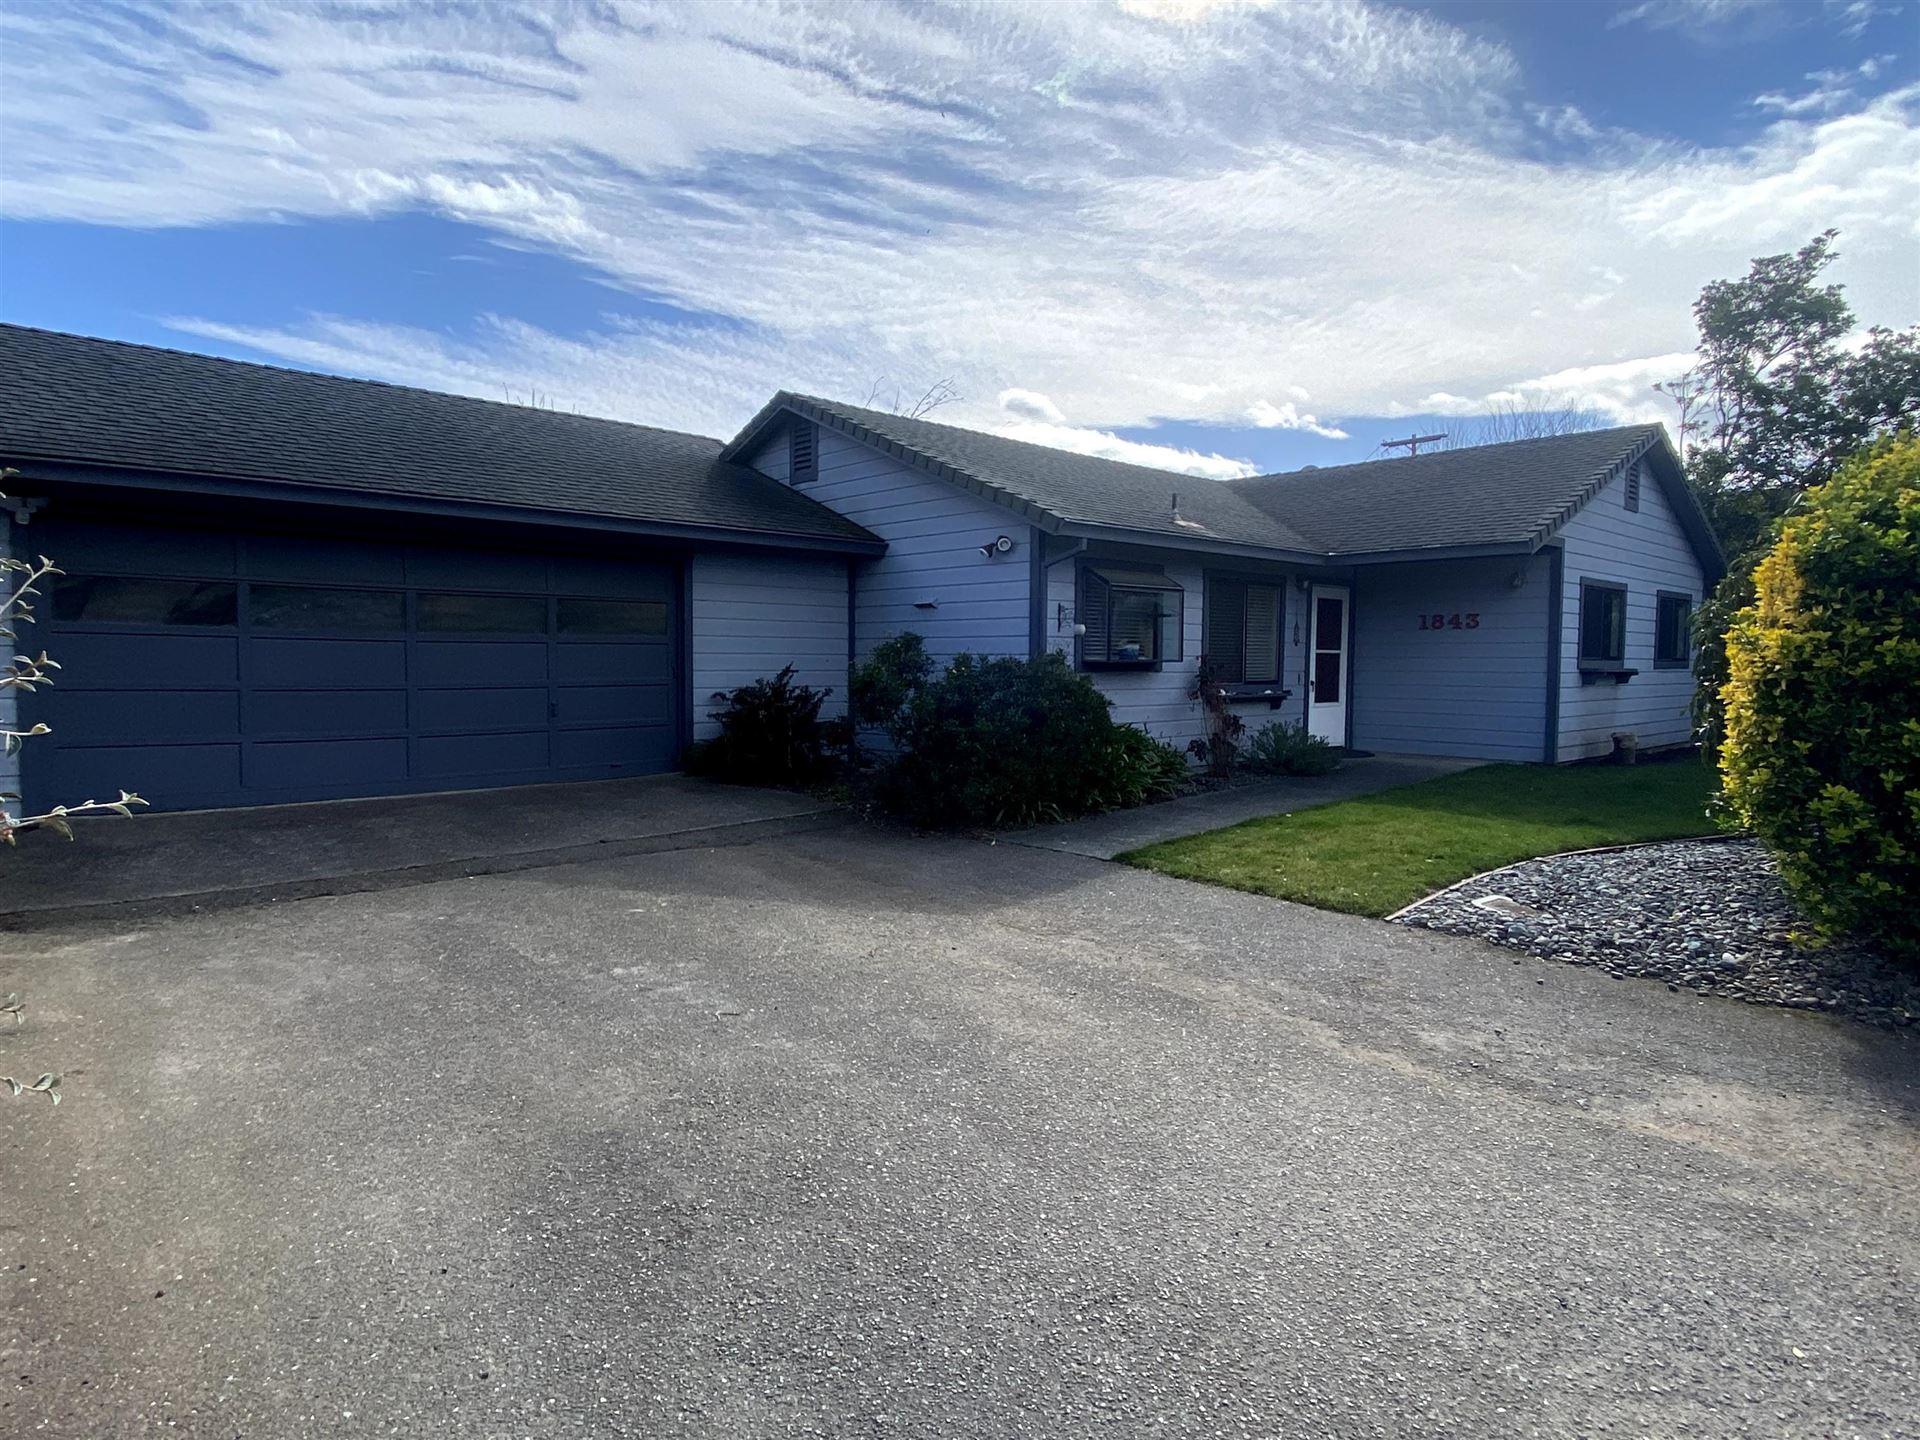 1843 Stephanie Court, Myrtletown, CA 95501 - MLS#: 258450